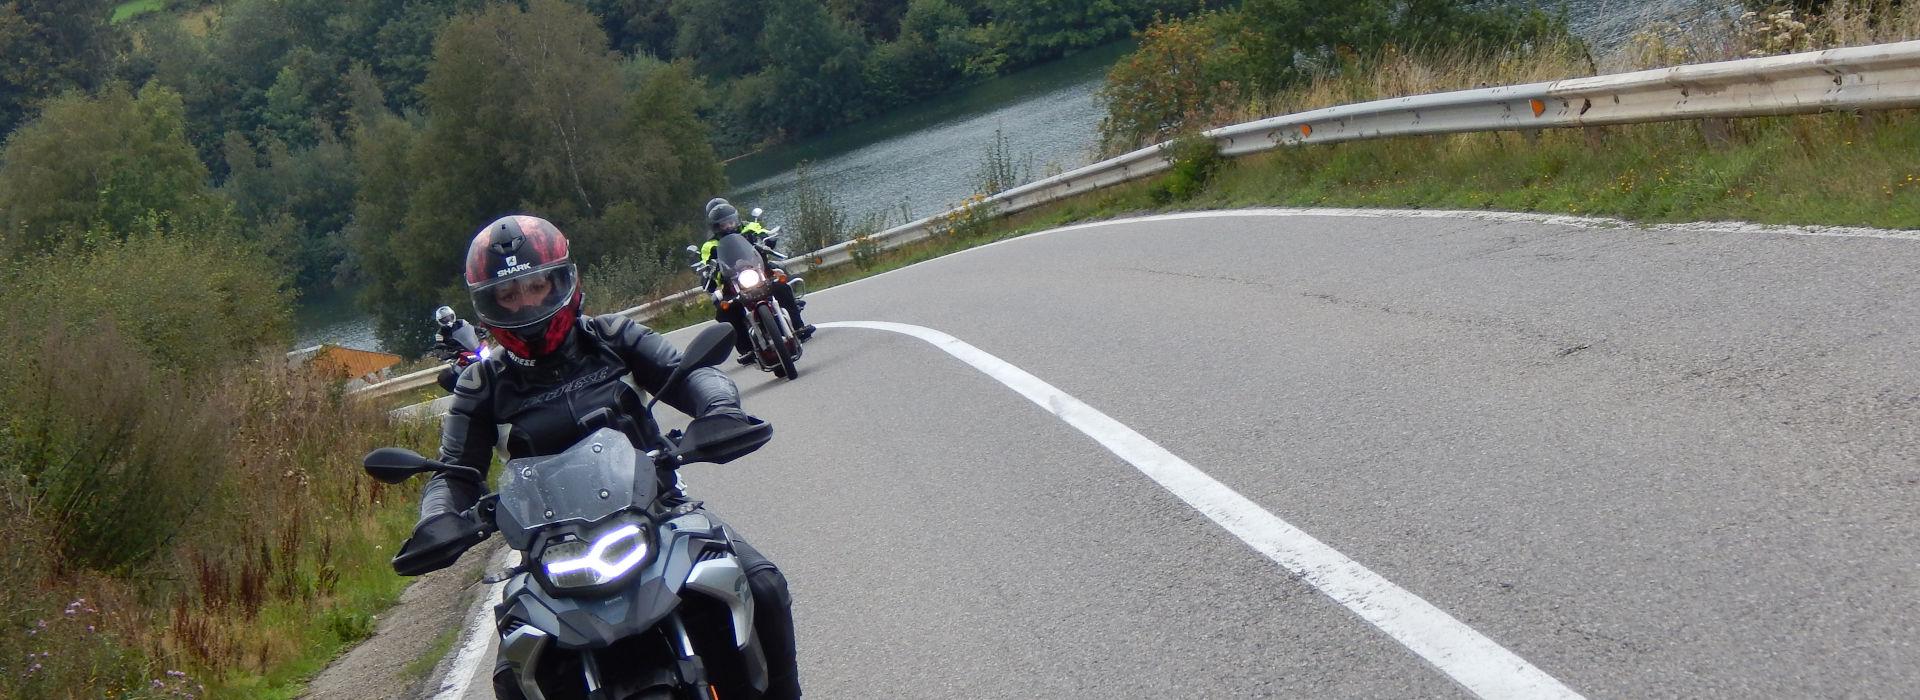 Motorrijschool Motorrijbewijspoint Stompwijk motorrijlessen